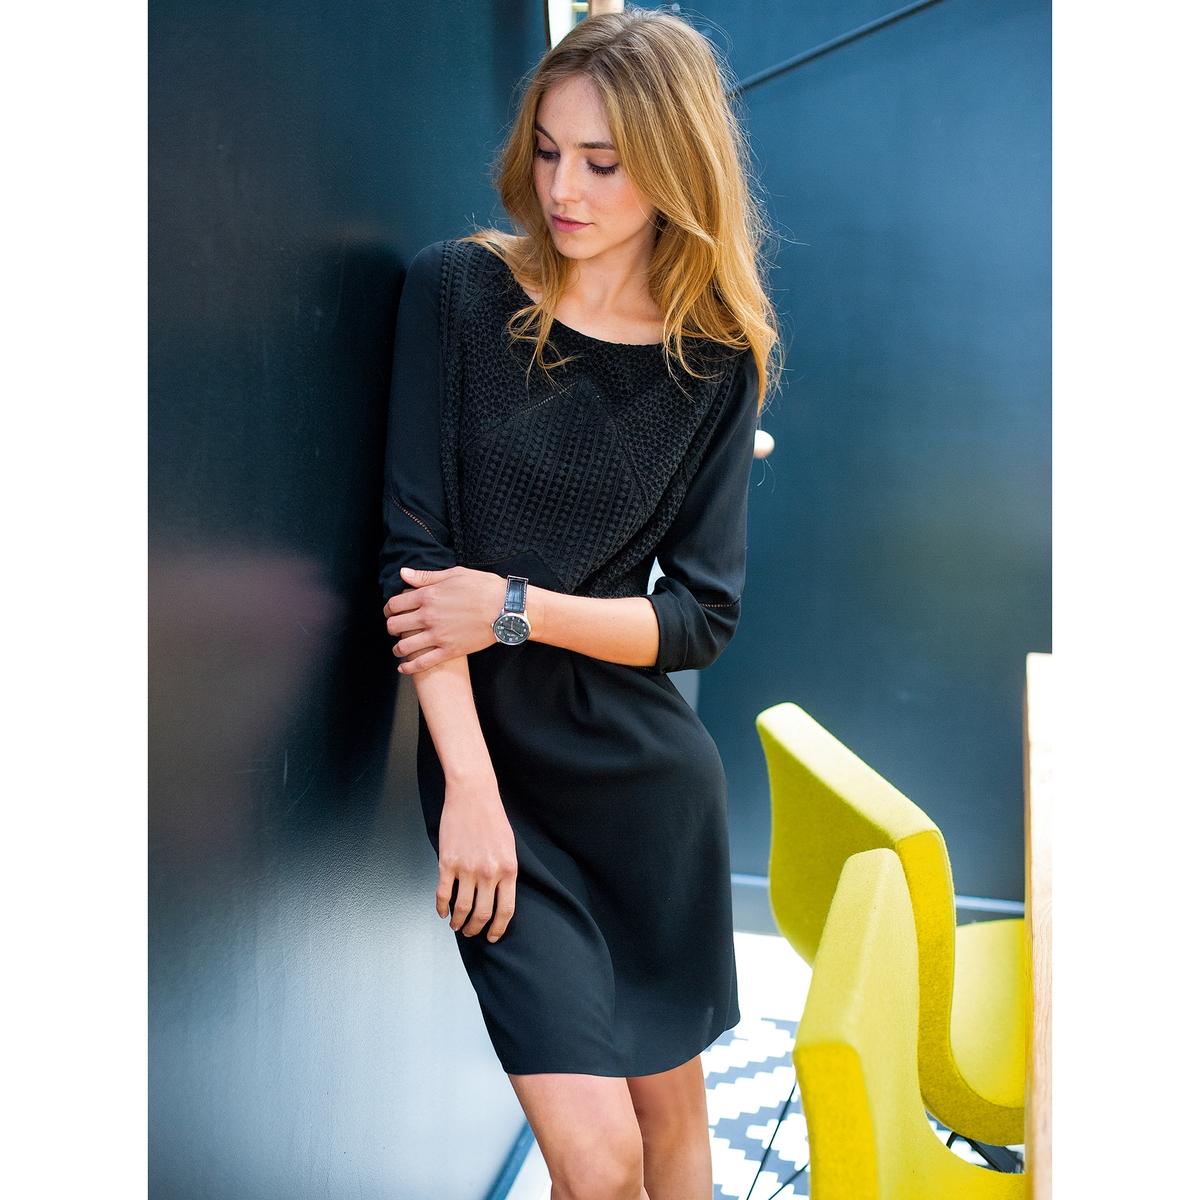 Платье с деталями из гипюраПлатье из 100% вискозы. Детали из гипюра спереди. Рукава 3/4 украшены мережкой. Длина: 90 см.<br><br>Цвет: темно-зеленый,черный<br>Размер: 46 (FR) - 52 (RUS)